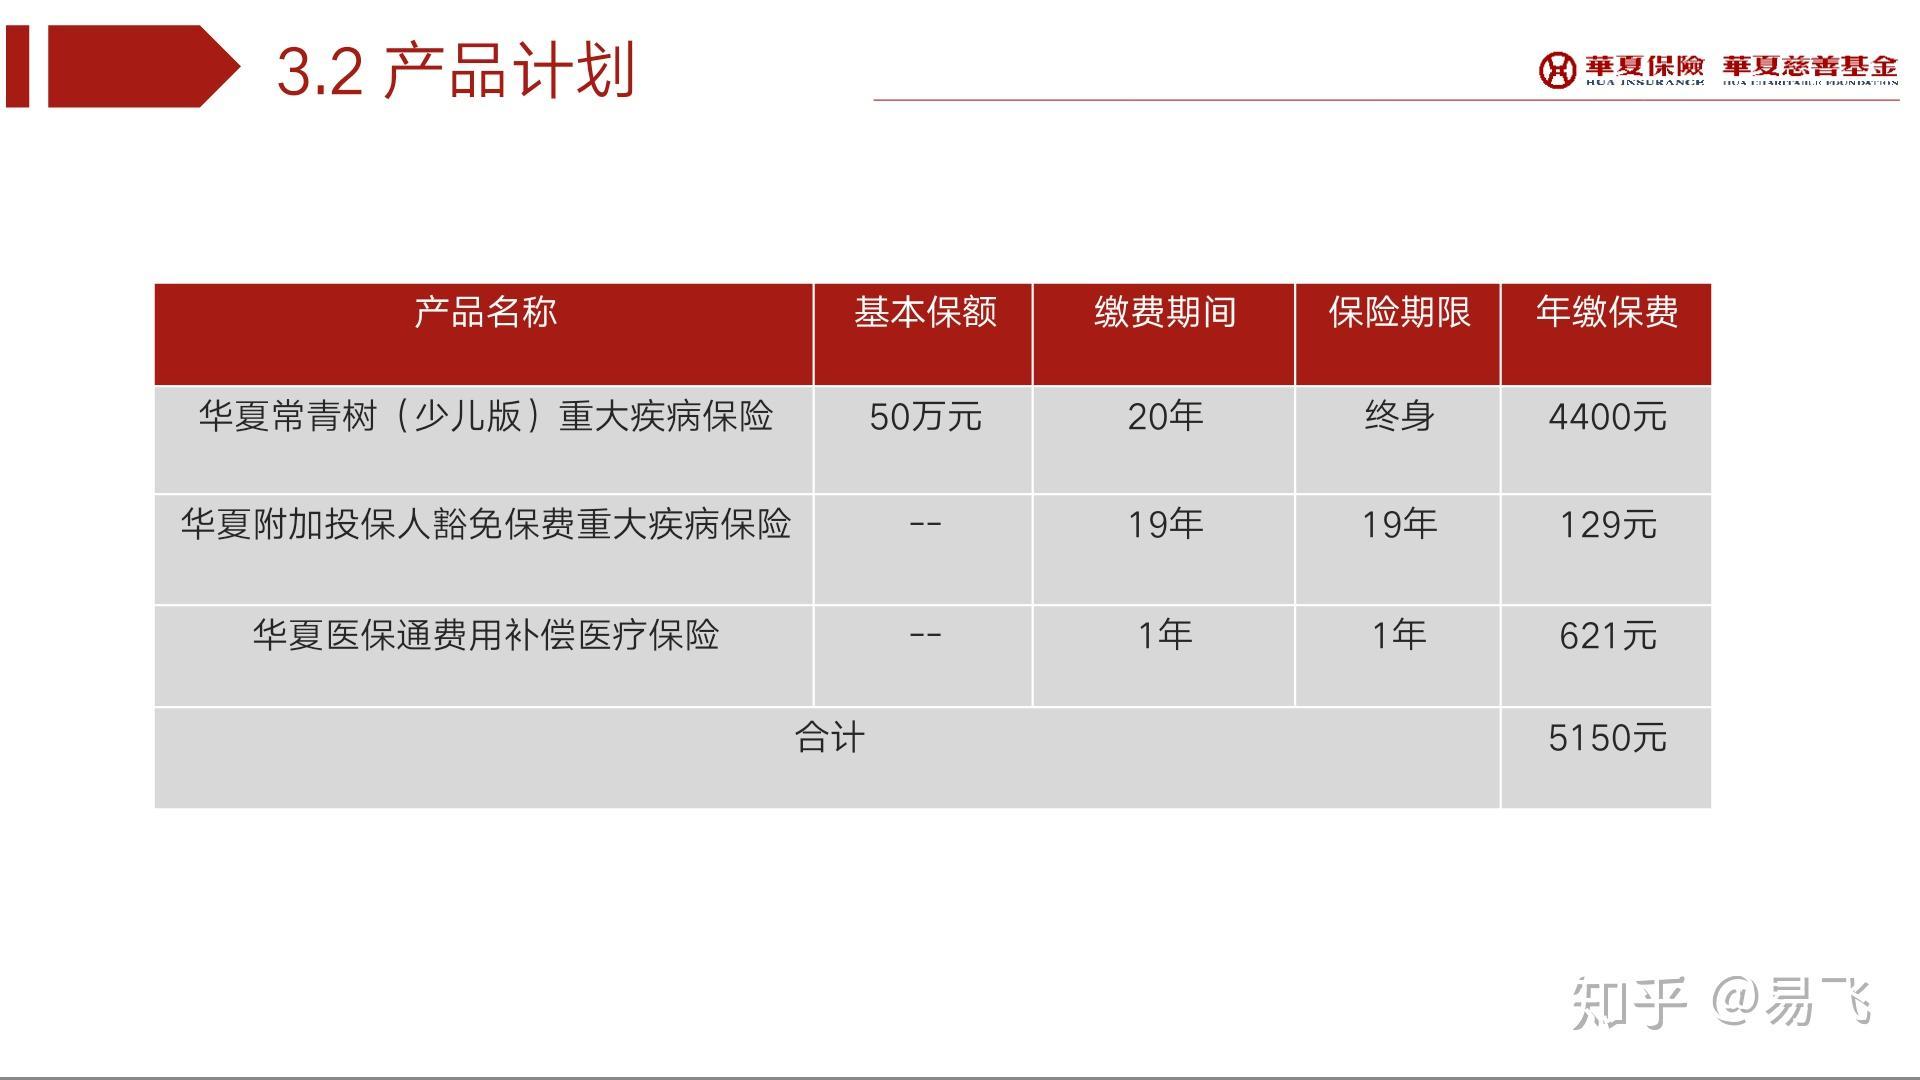 很多人推荐平安福和太平福禄康瑞 508x614 - 55kb - jpeg 购买保险